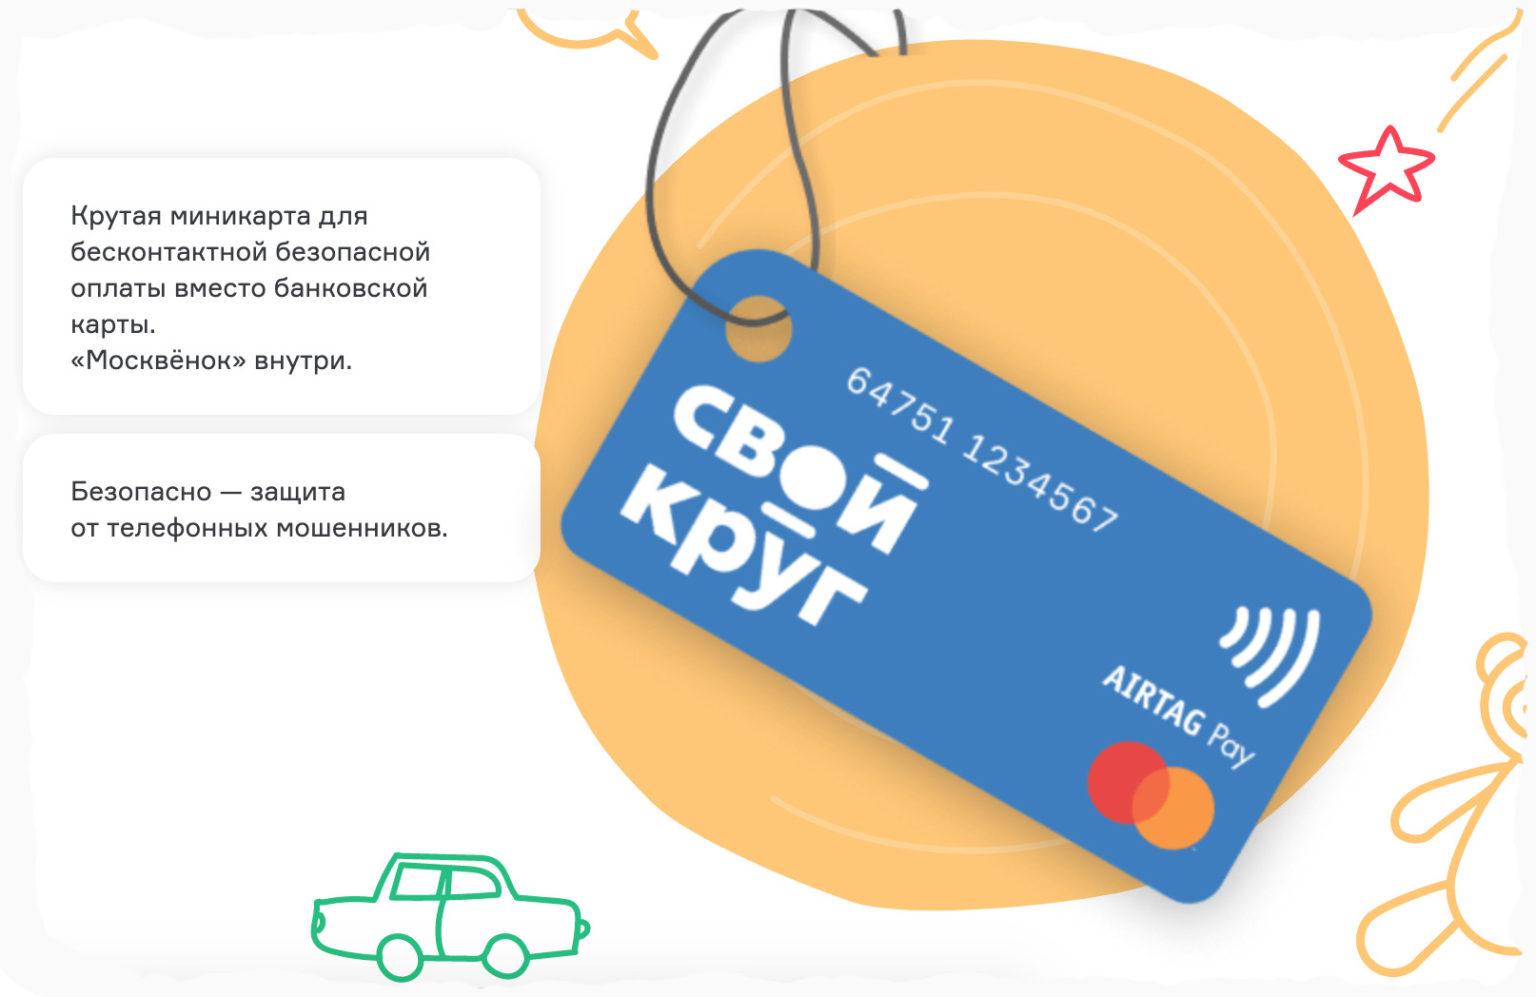 karta-svoj-krug-sbi-otzyvy_10